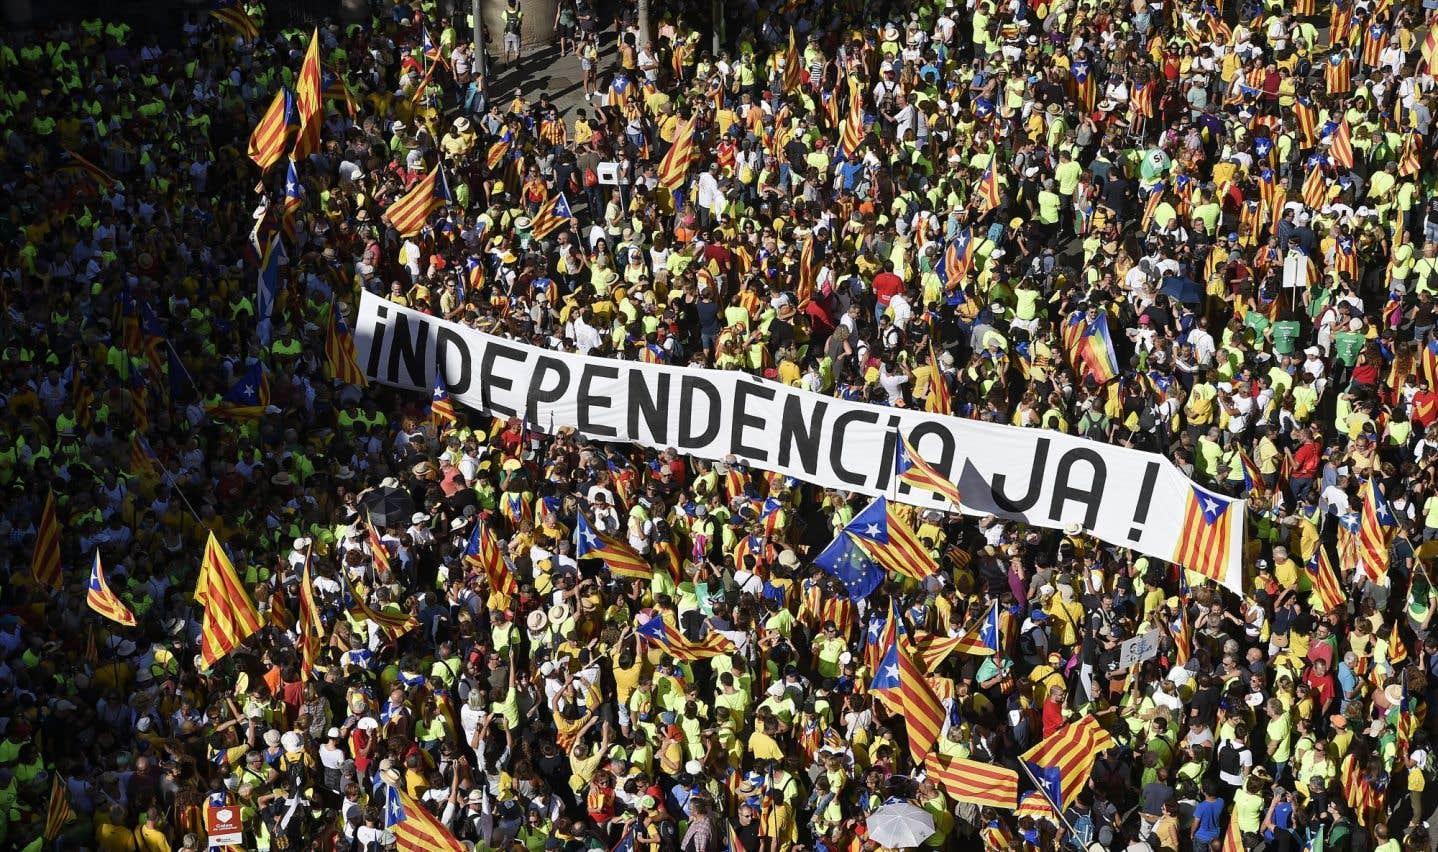 Démonstration de force des indépendantistes avant leur référendum en Catalogne